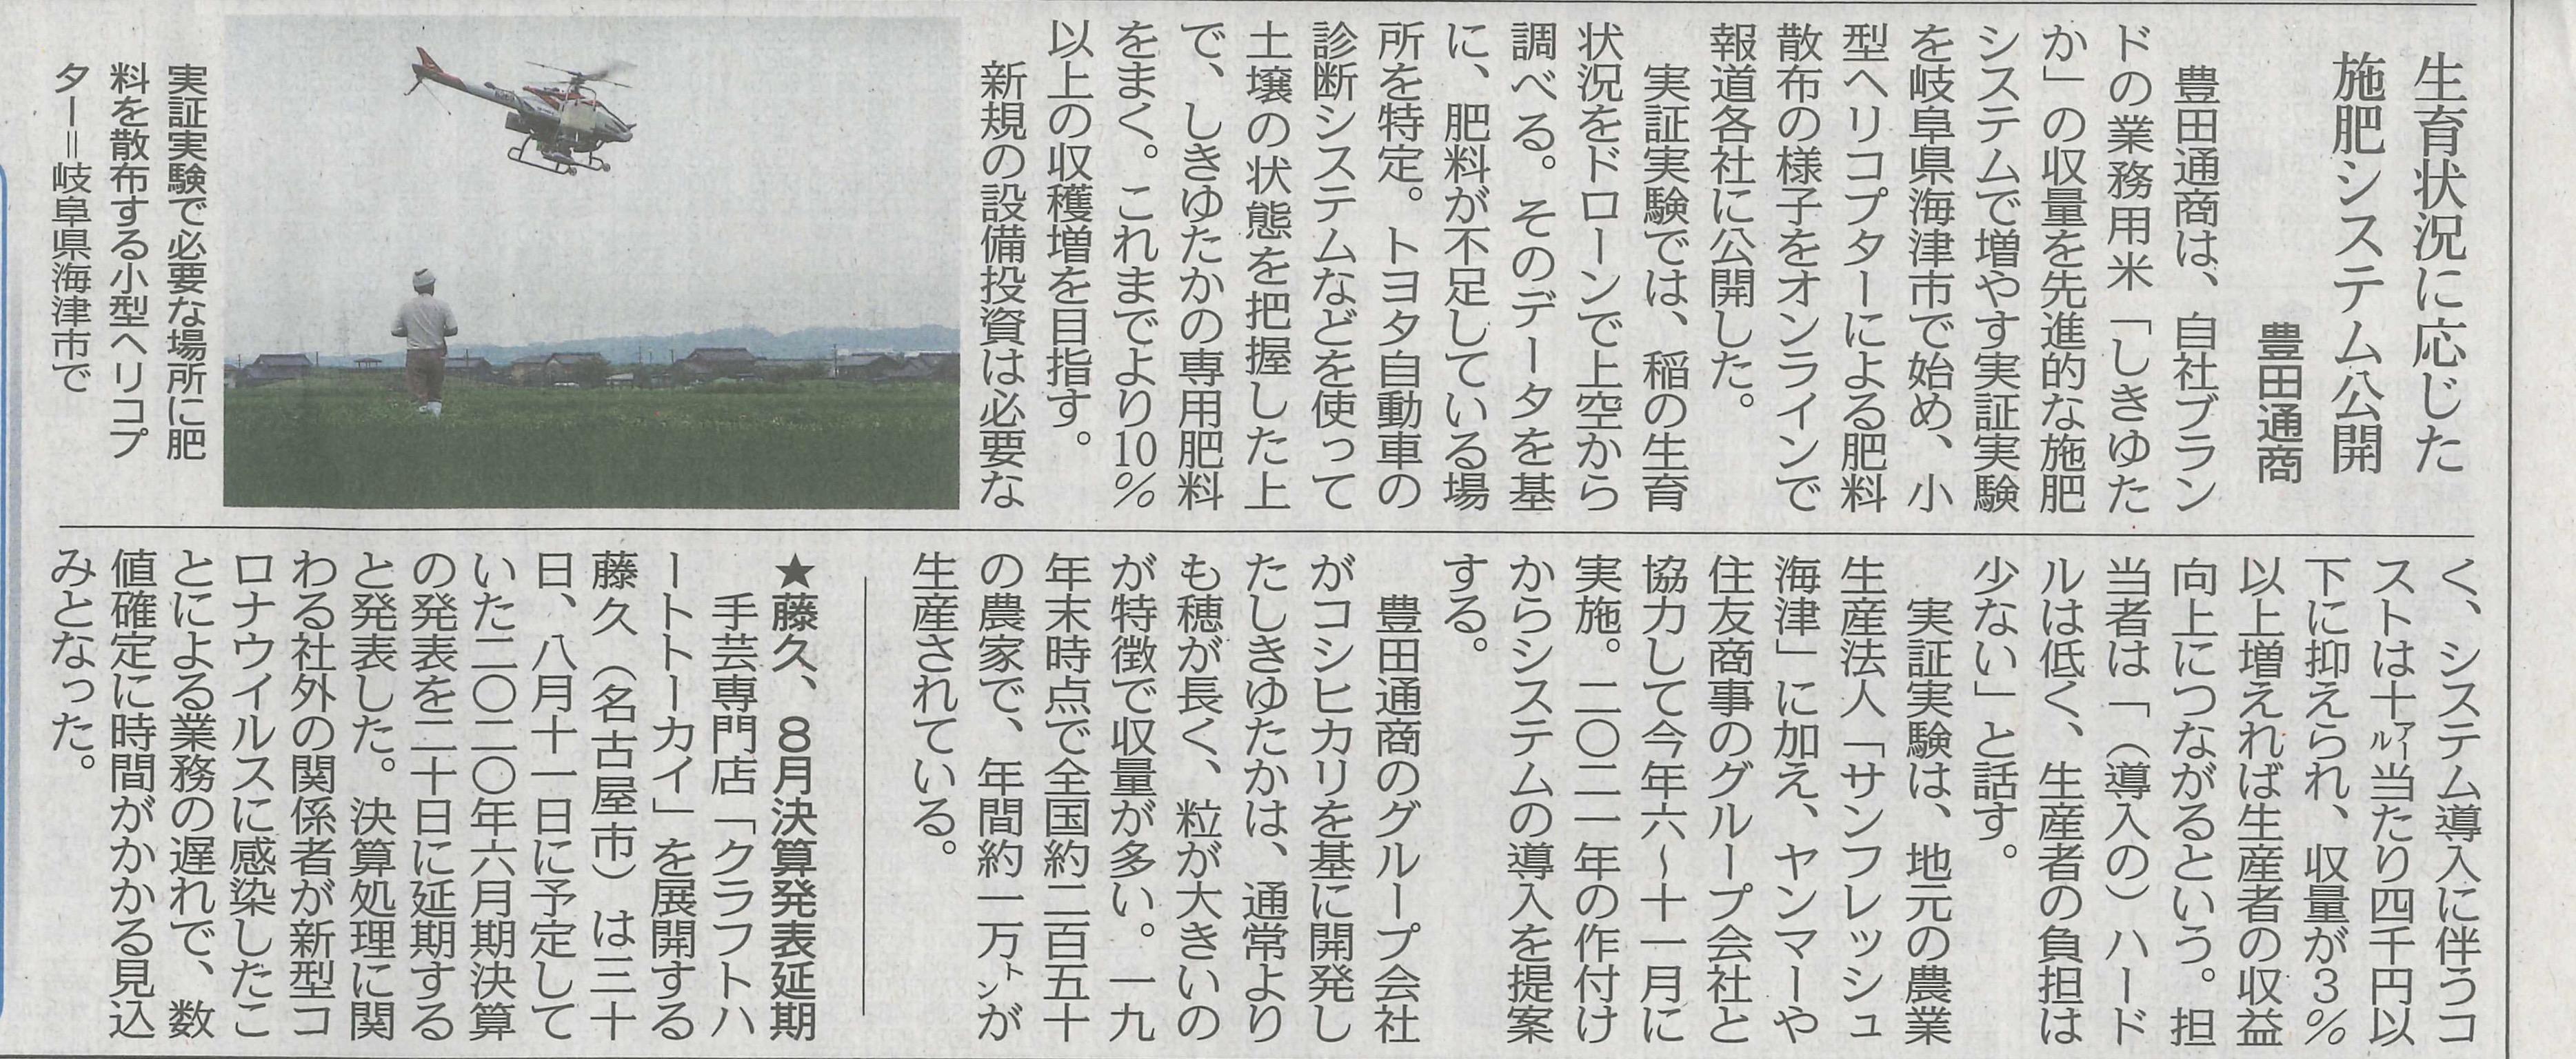 施肥システムの実証試験が新聞に掲載されました。